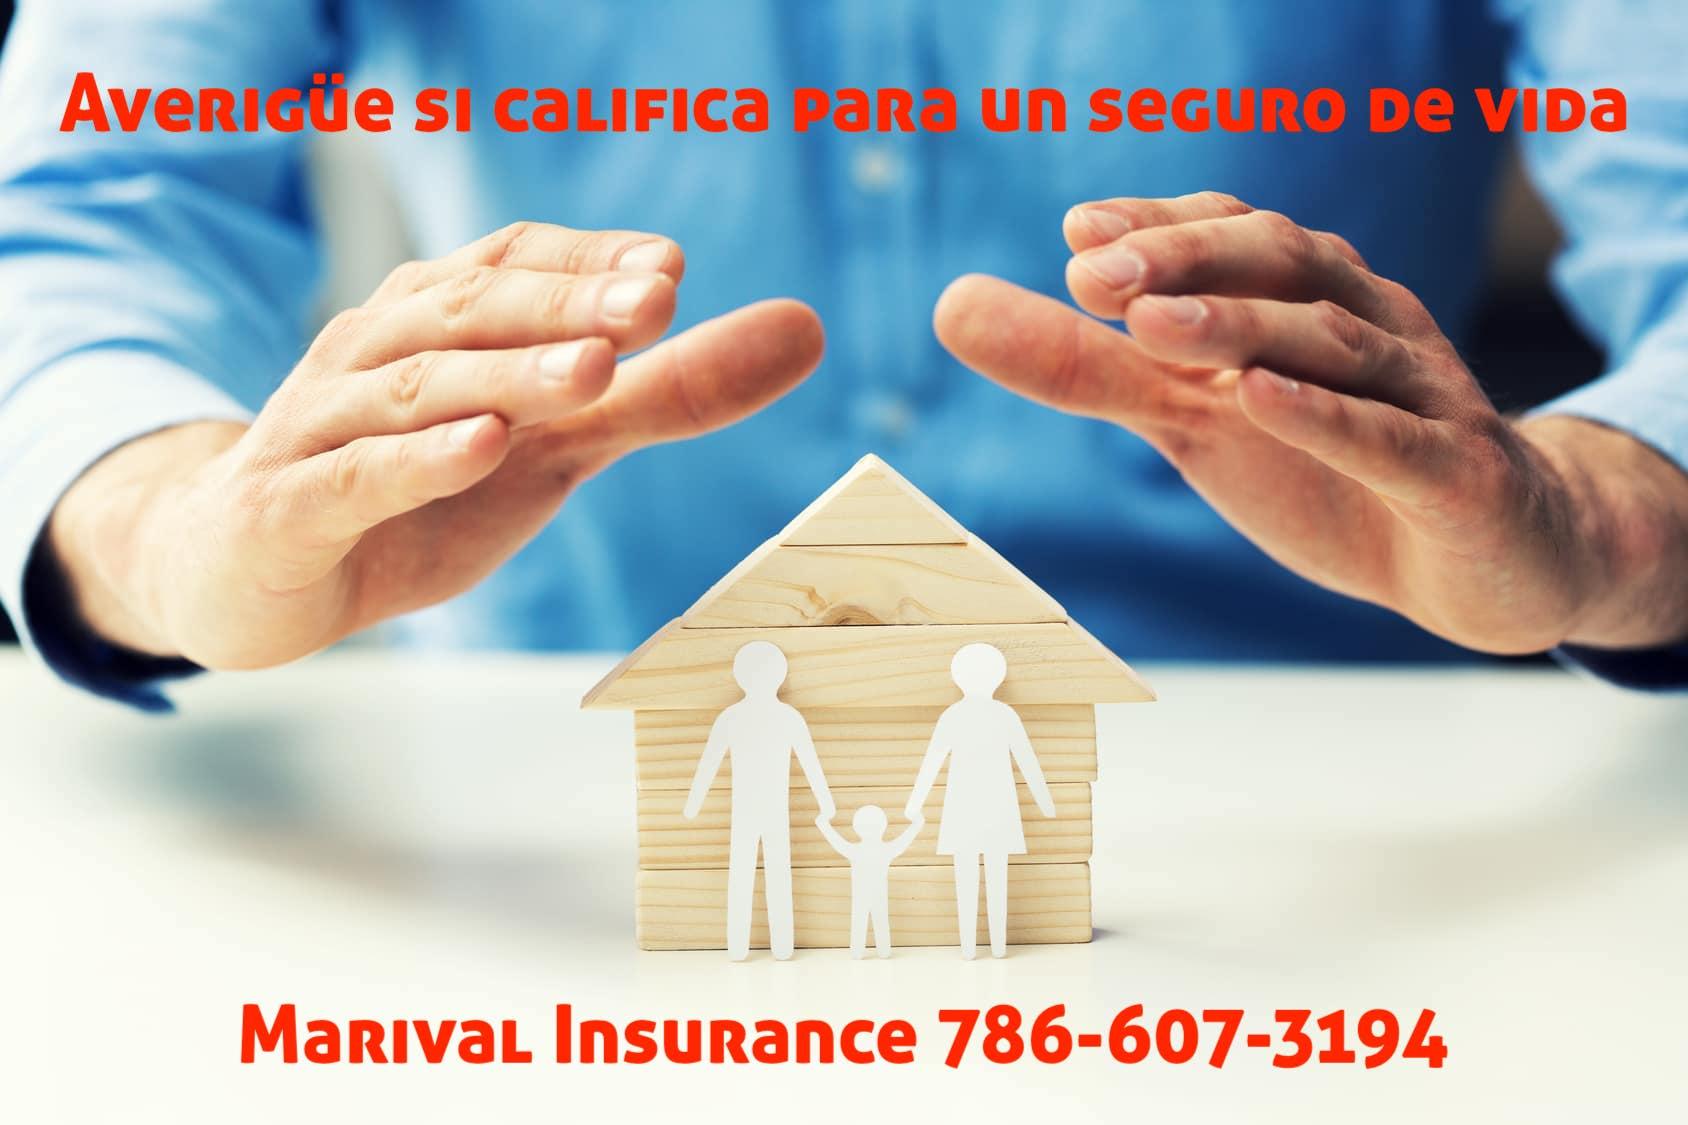 Averigüe si califica para un seguro de vida